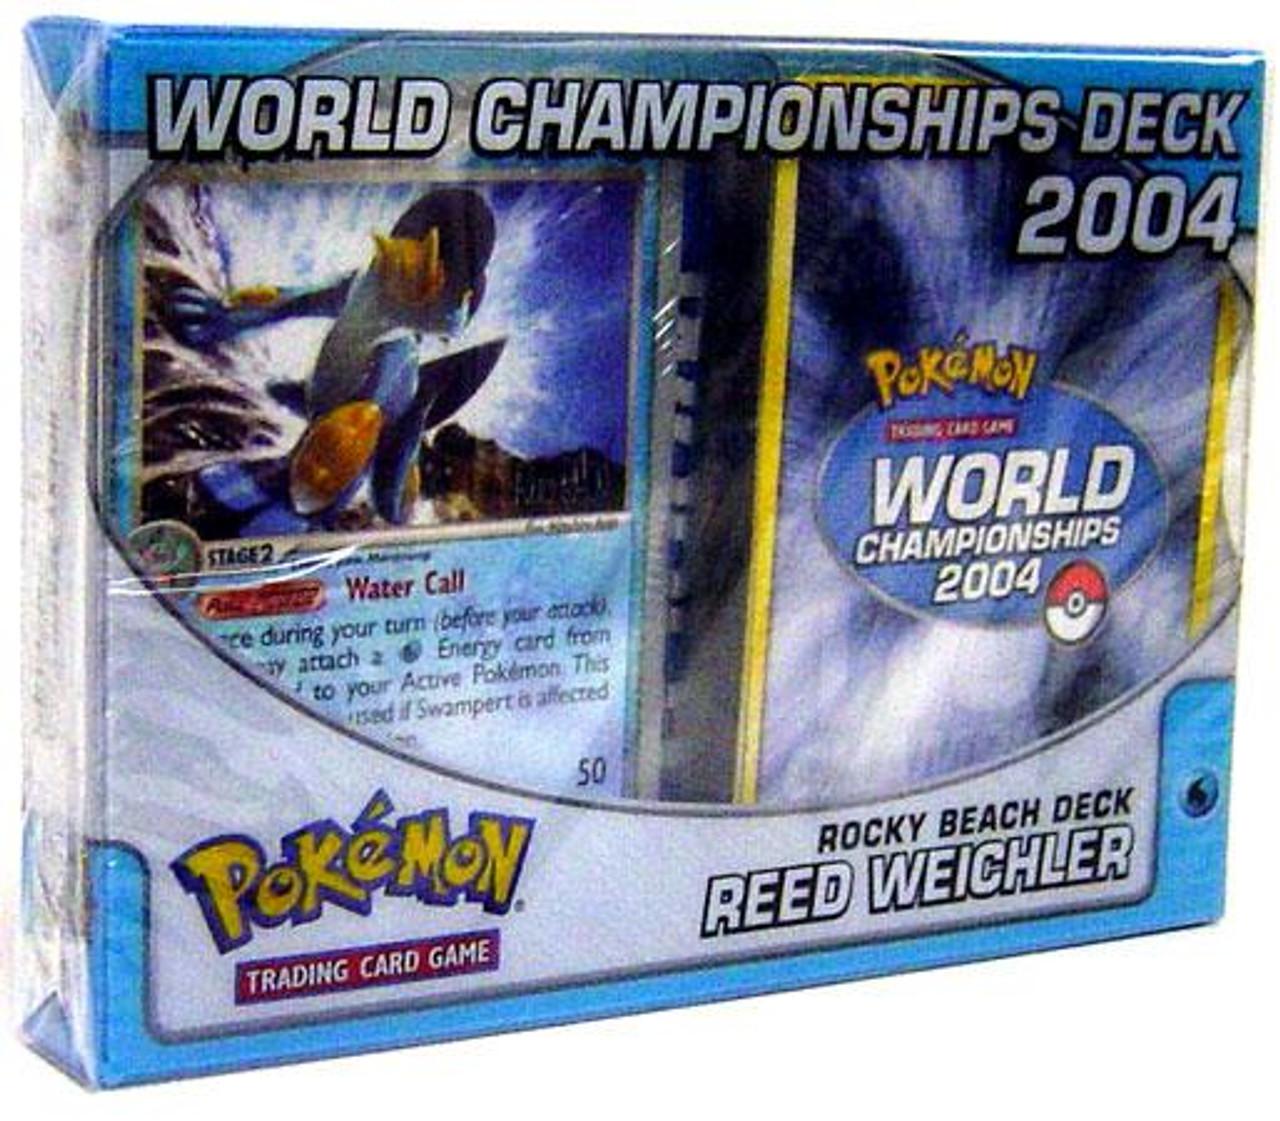 Pokemon World Championships Deck 2004 Reed Weichler's Rocky Beach Deck